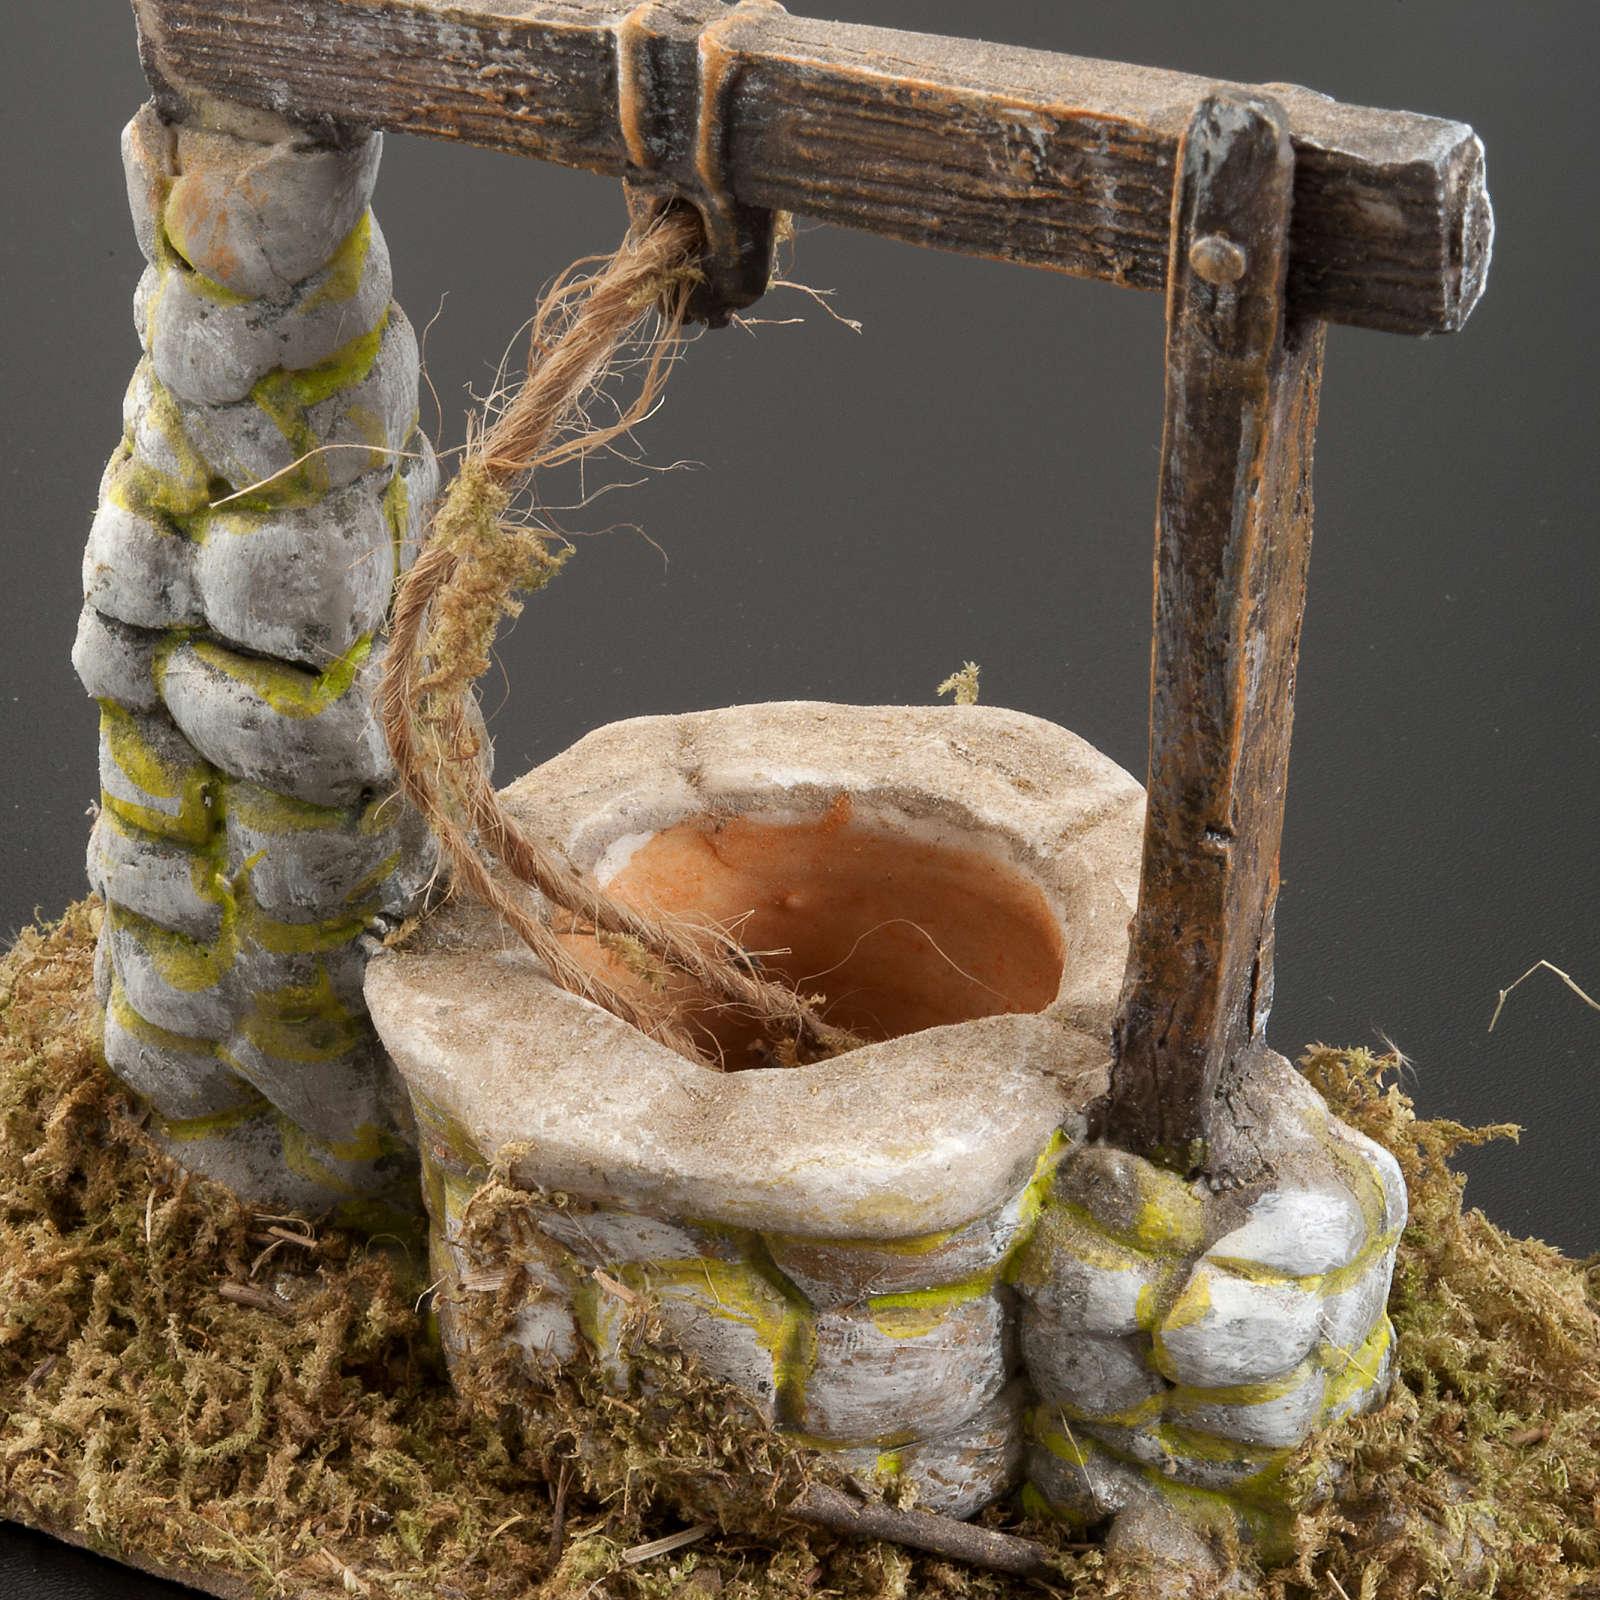 Puits en miniature crèche Noel 8x15cm | vente en ligne sur HOLYART